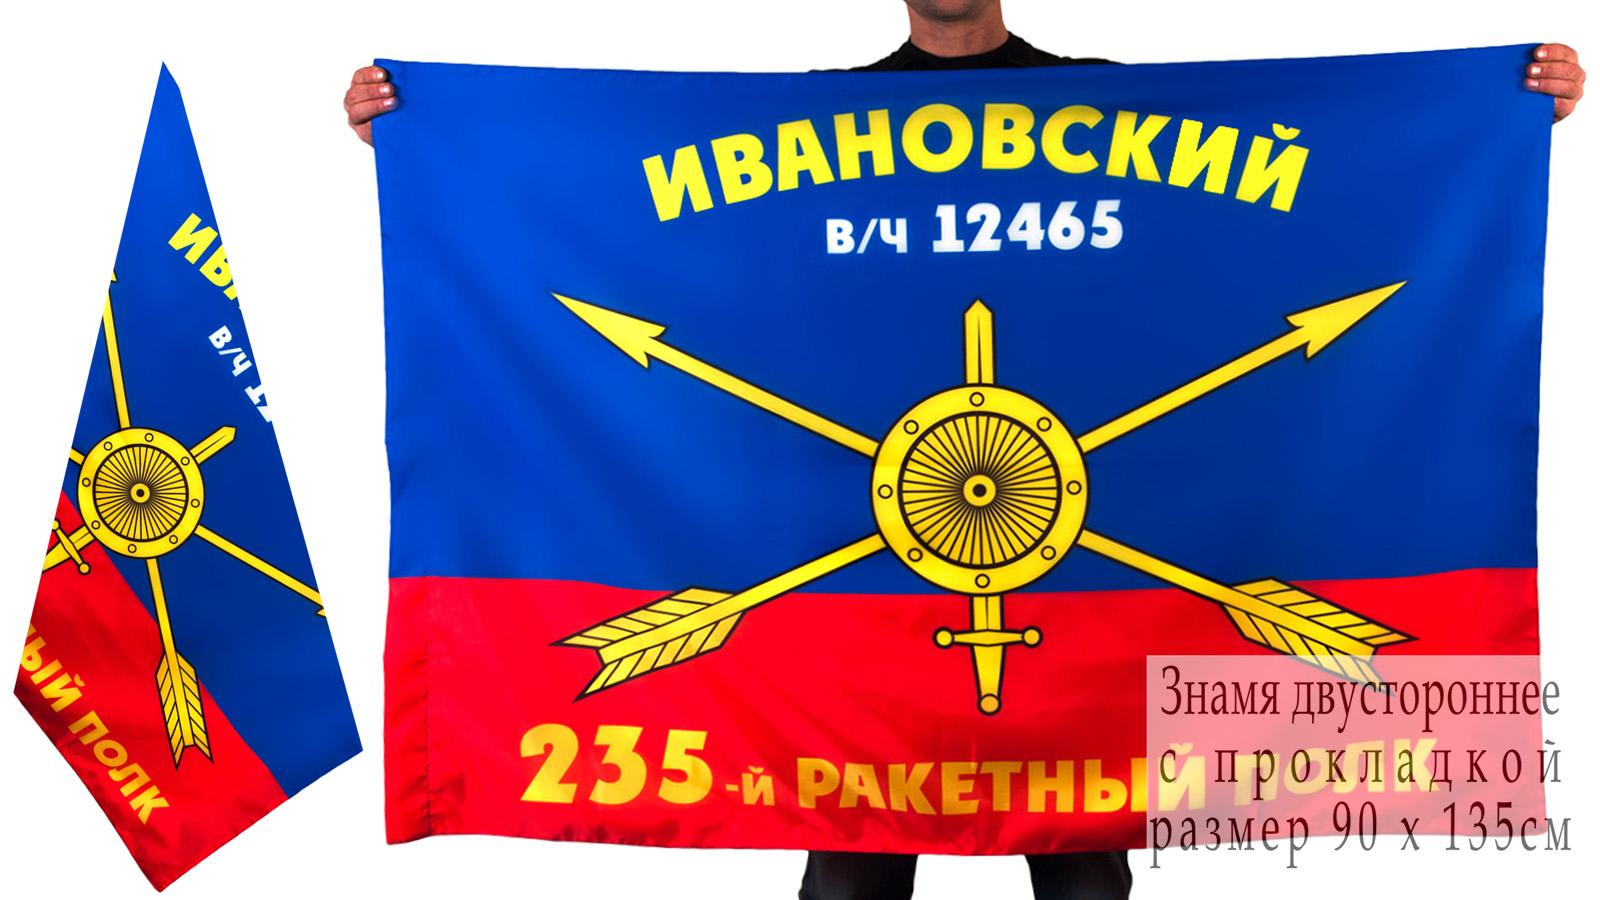 Знамя 235-го ракетного полка РВСН